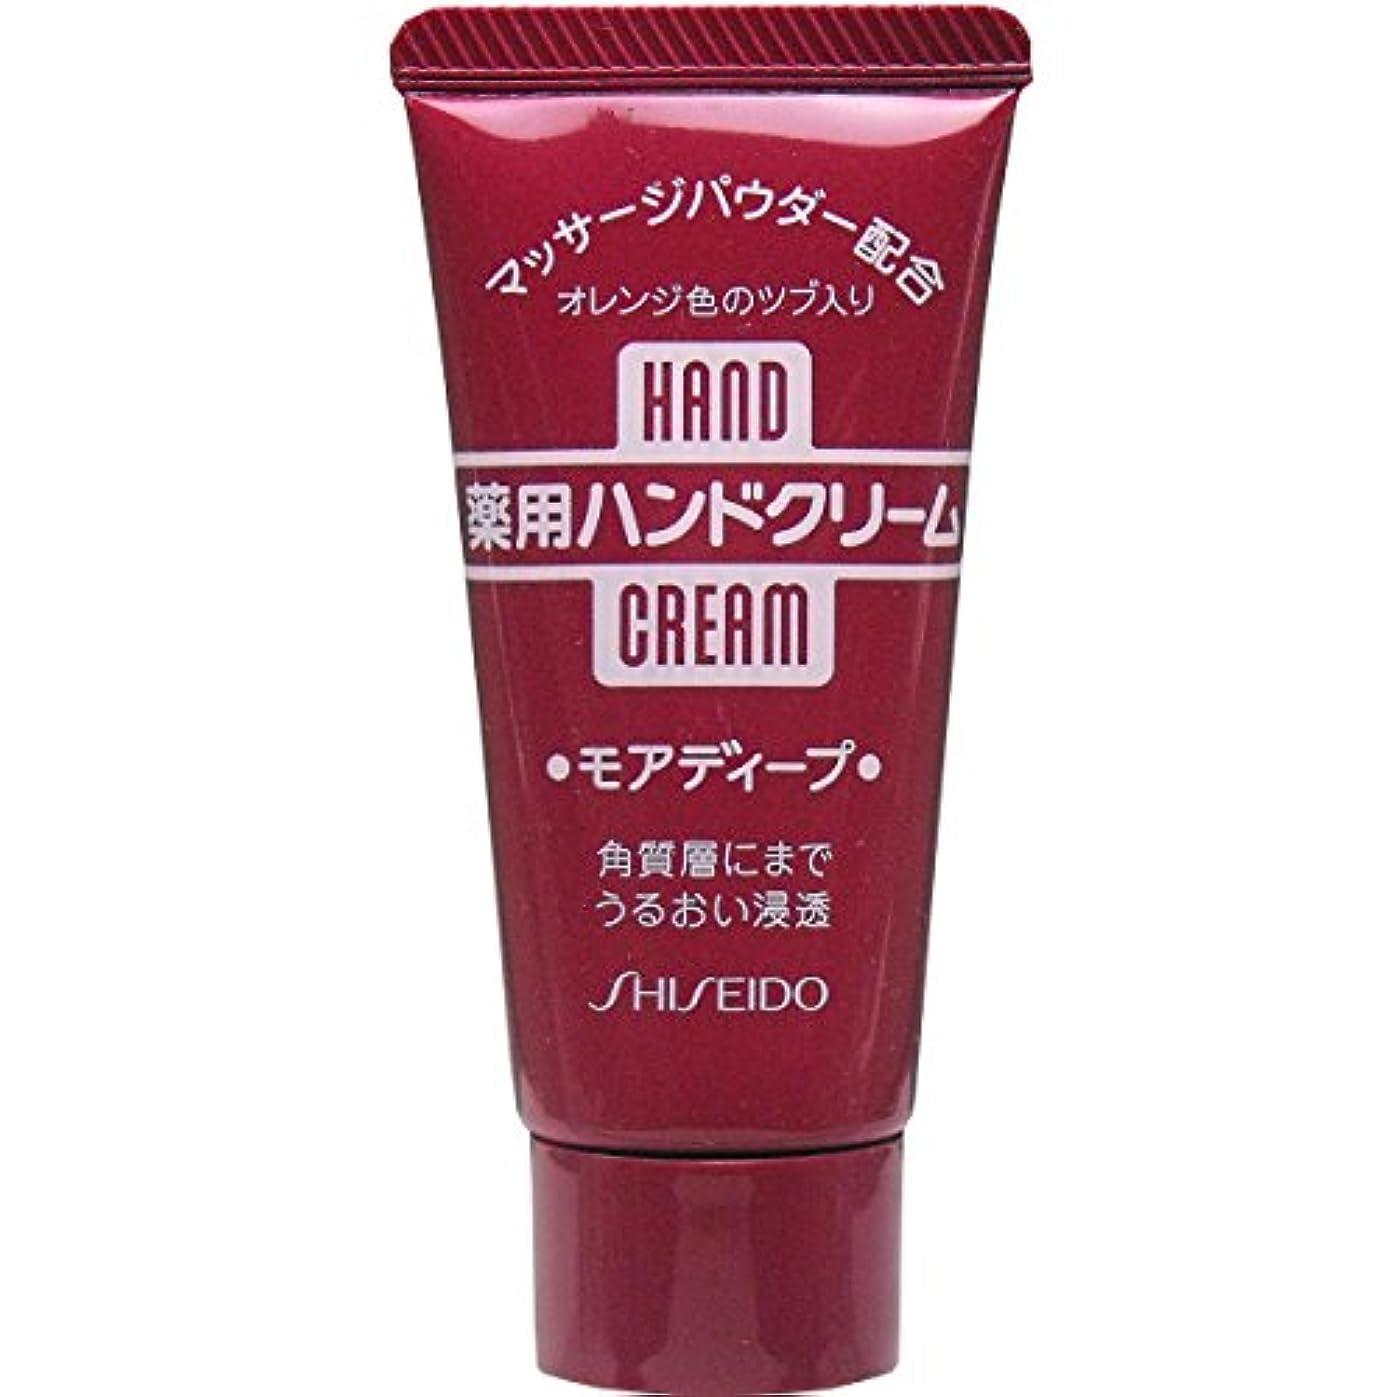 等価一時的展示会ハンドクリーム 薬用モアディープ (チューブ) 30g